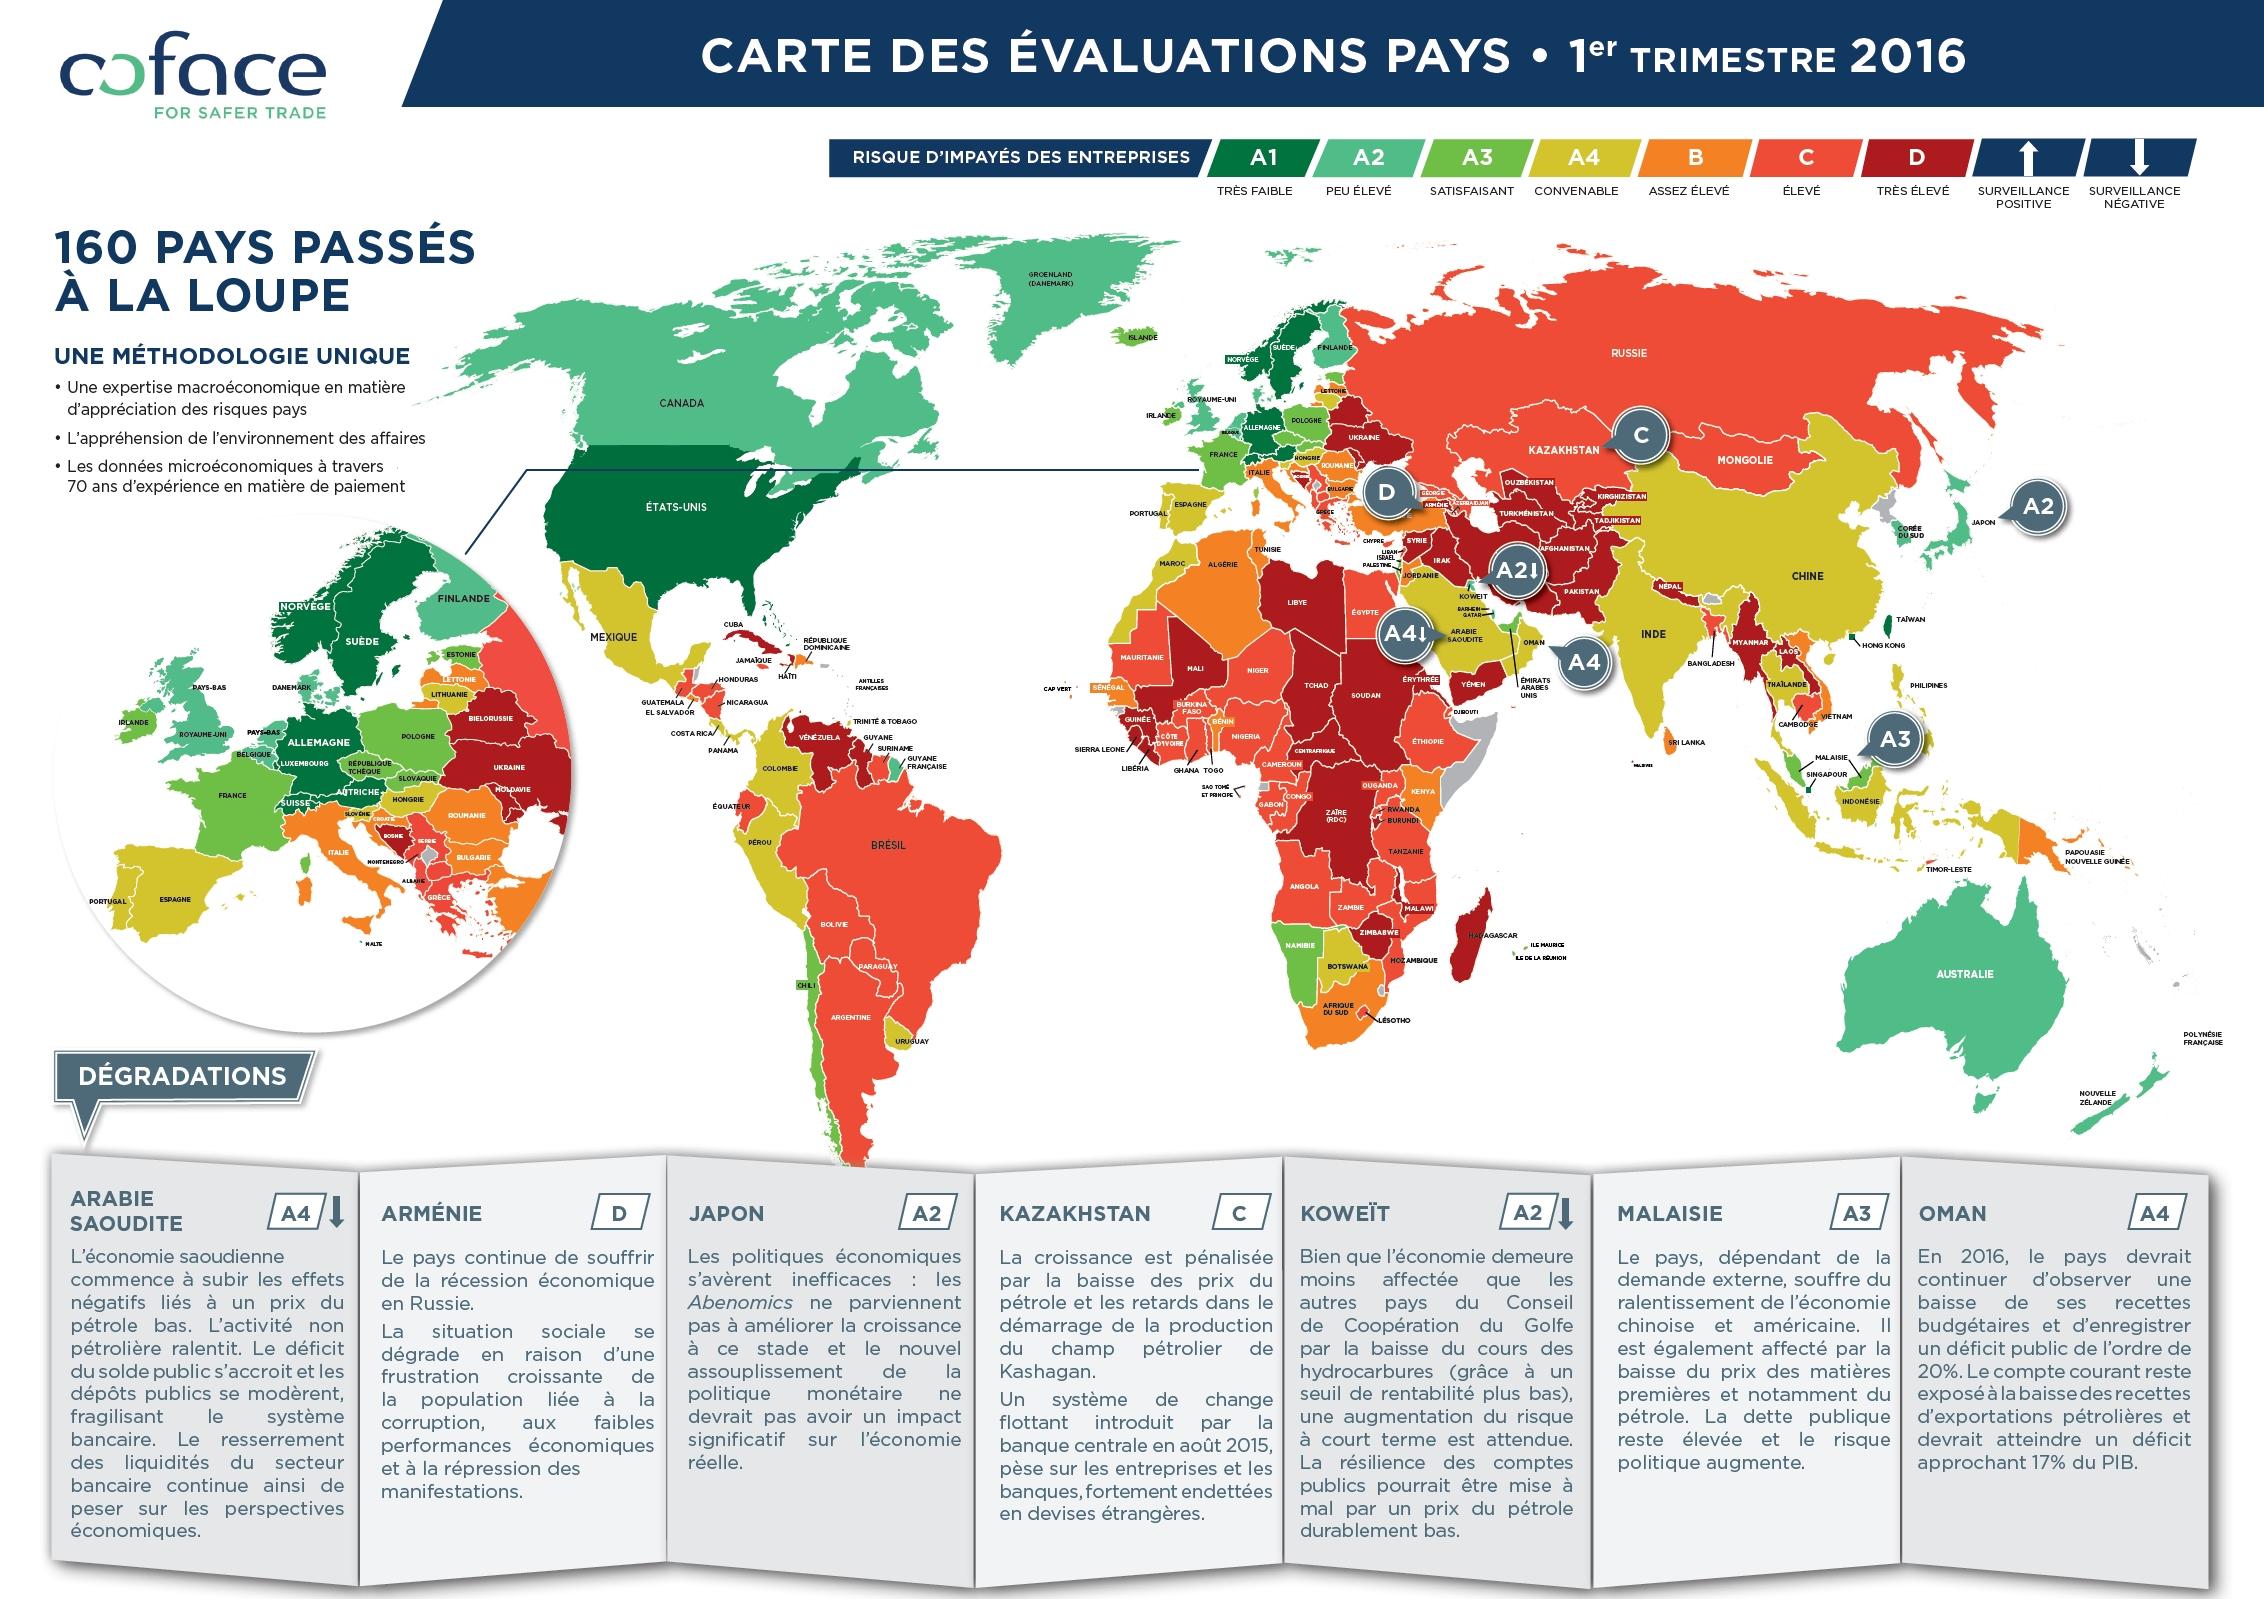 Le risque d'entreprise mondial atteint un pic